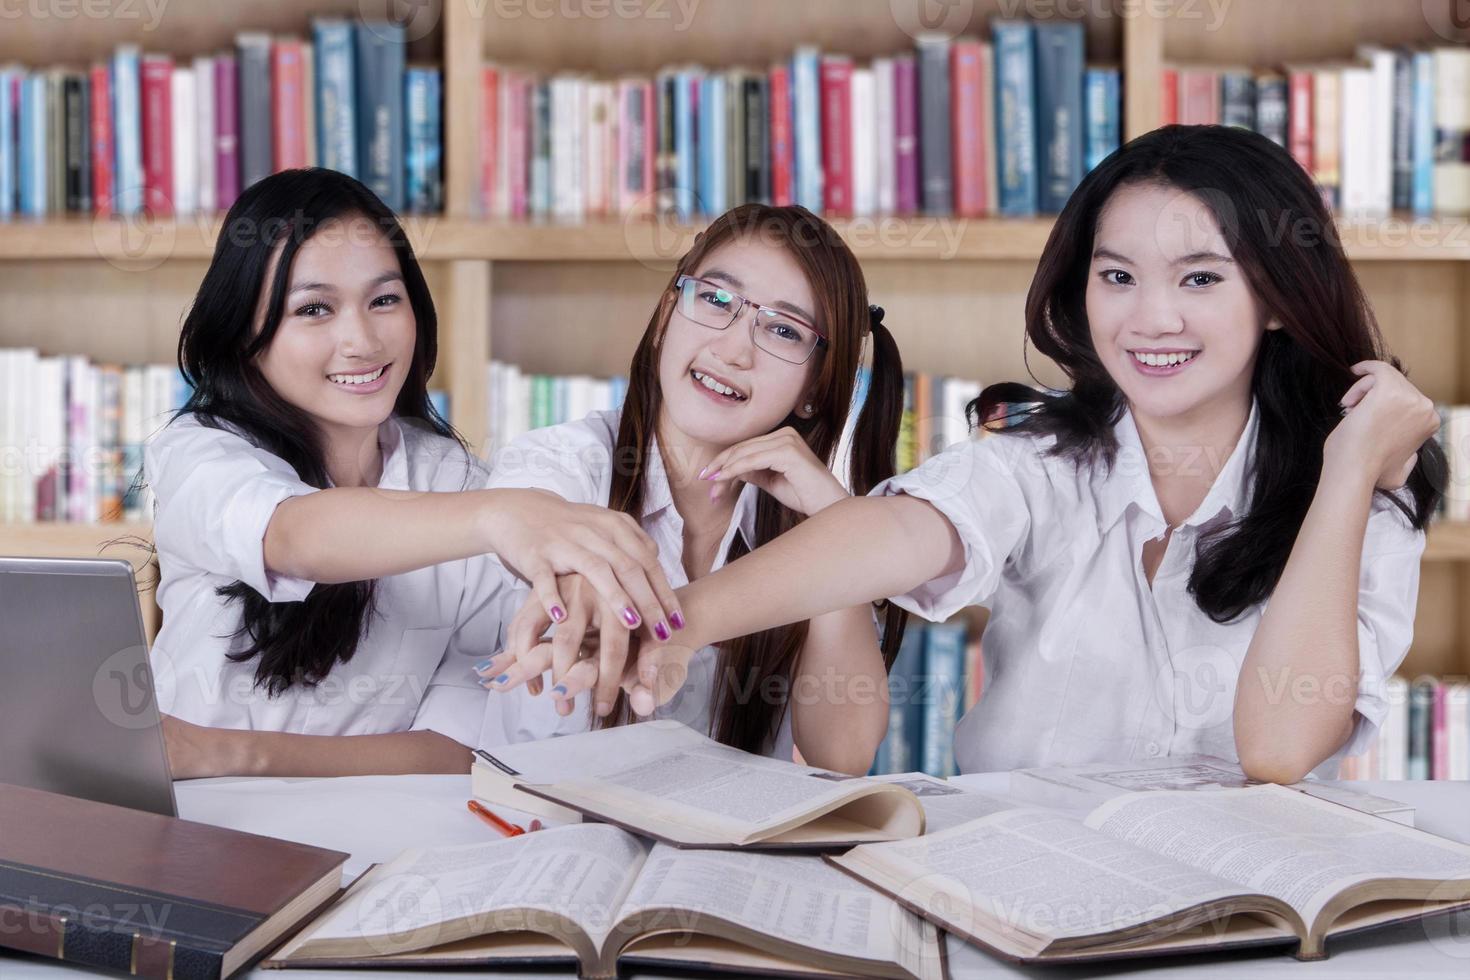 squadra di studenti che mostra la loro unità foto